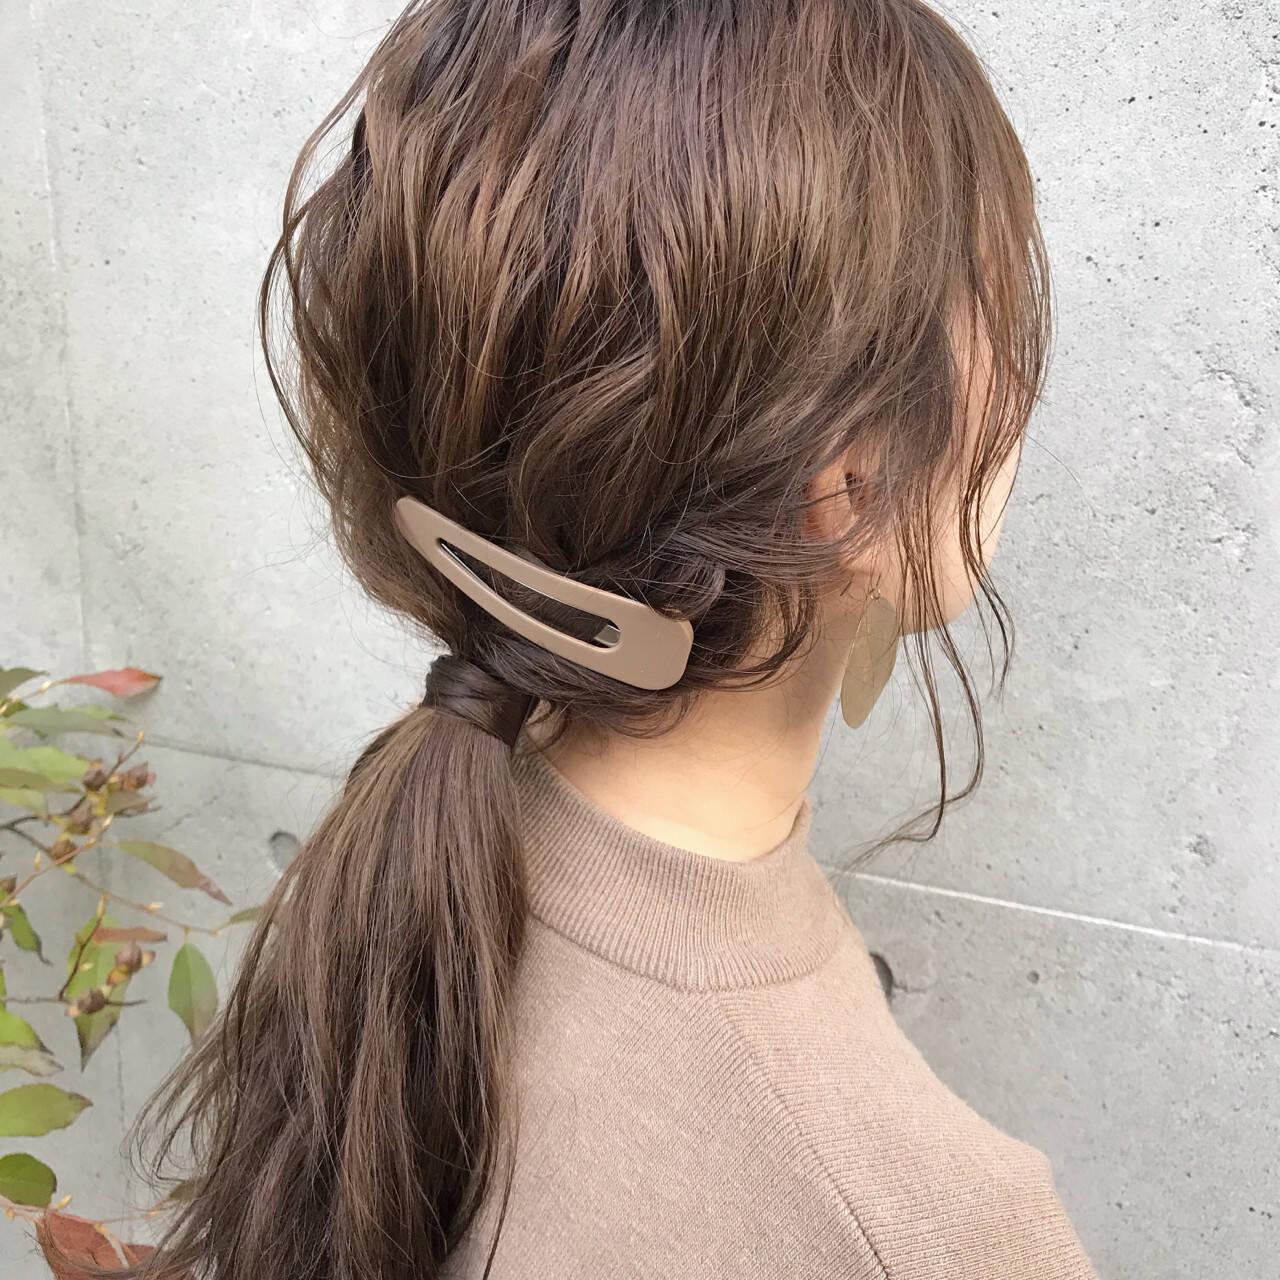 デート セミロング ヘアアレンジ ポニーテールヘアスタイルや髪型の写真・画像